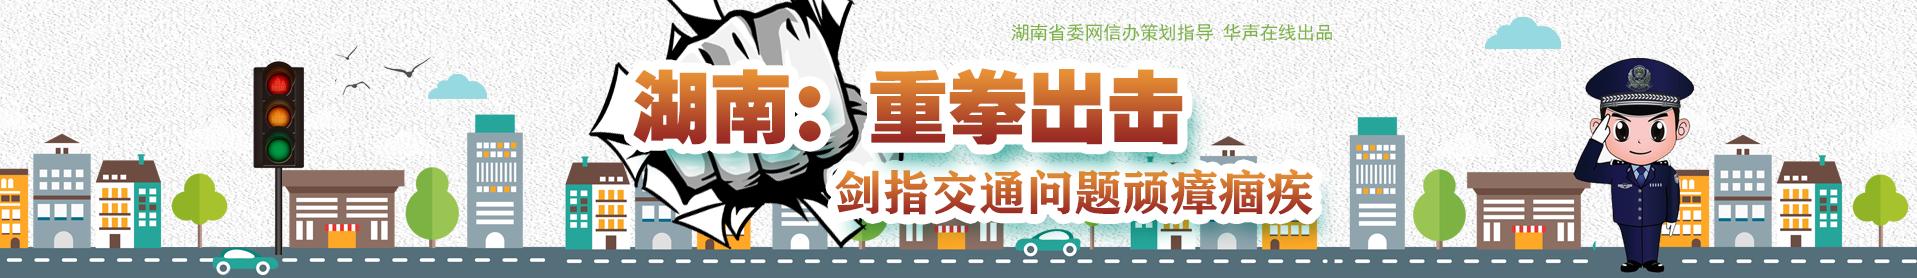 湖南:重拳出击 剑指交通问题顽瘴痼疾